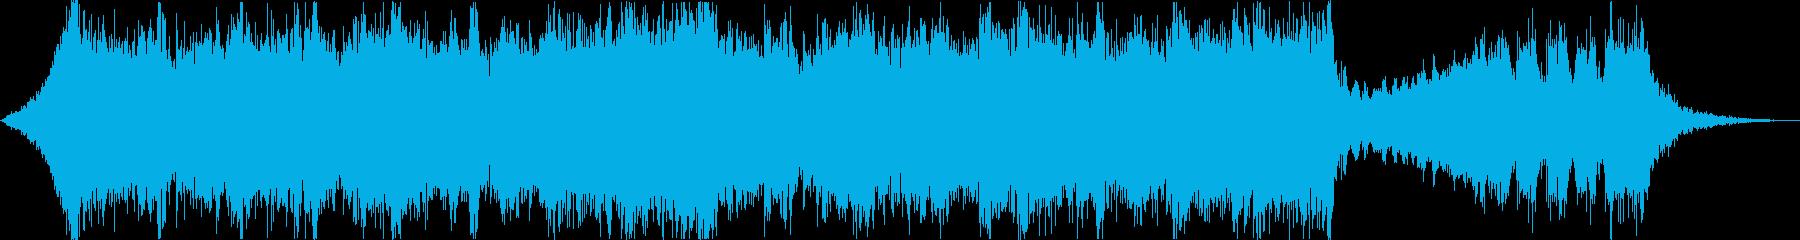 壮大なハリウッド風エピックトレーラーeの再生済みの波形